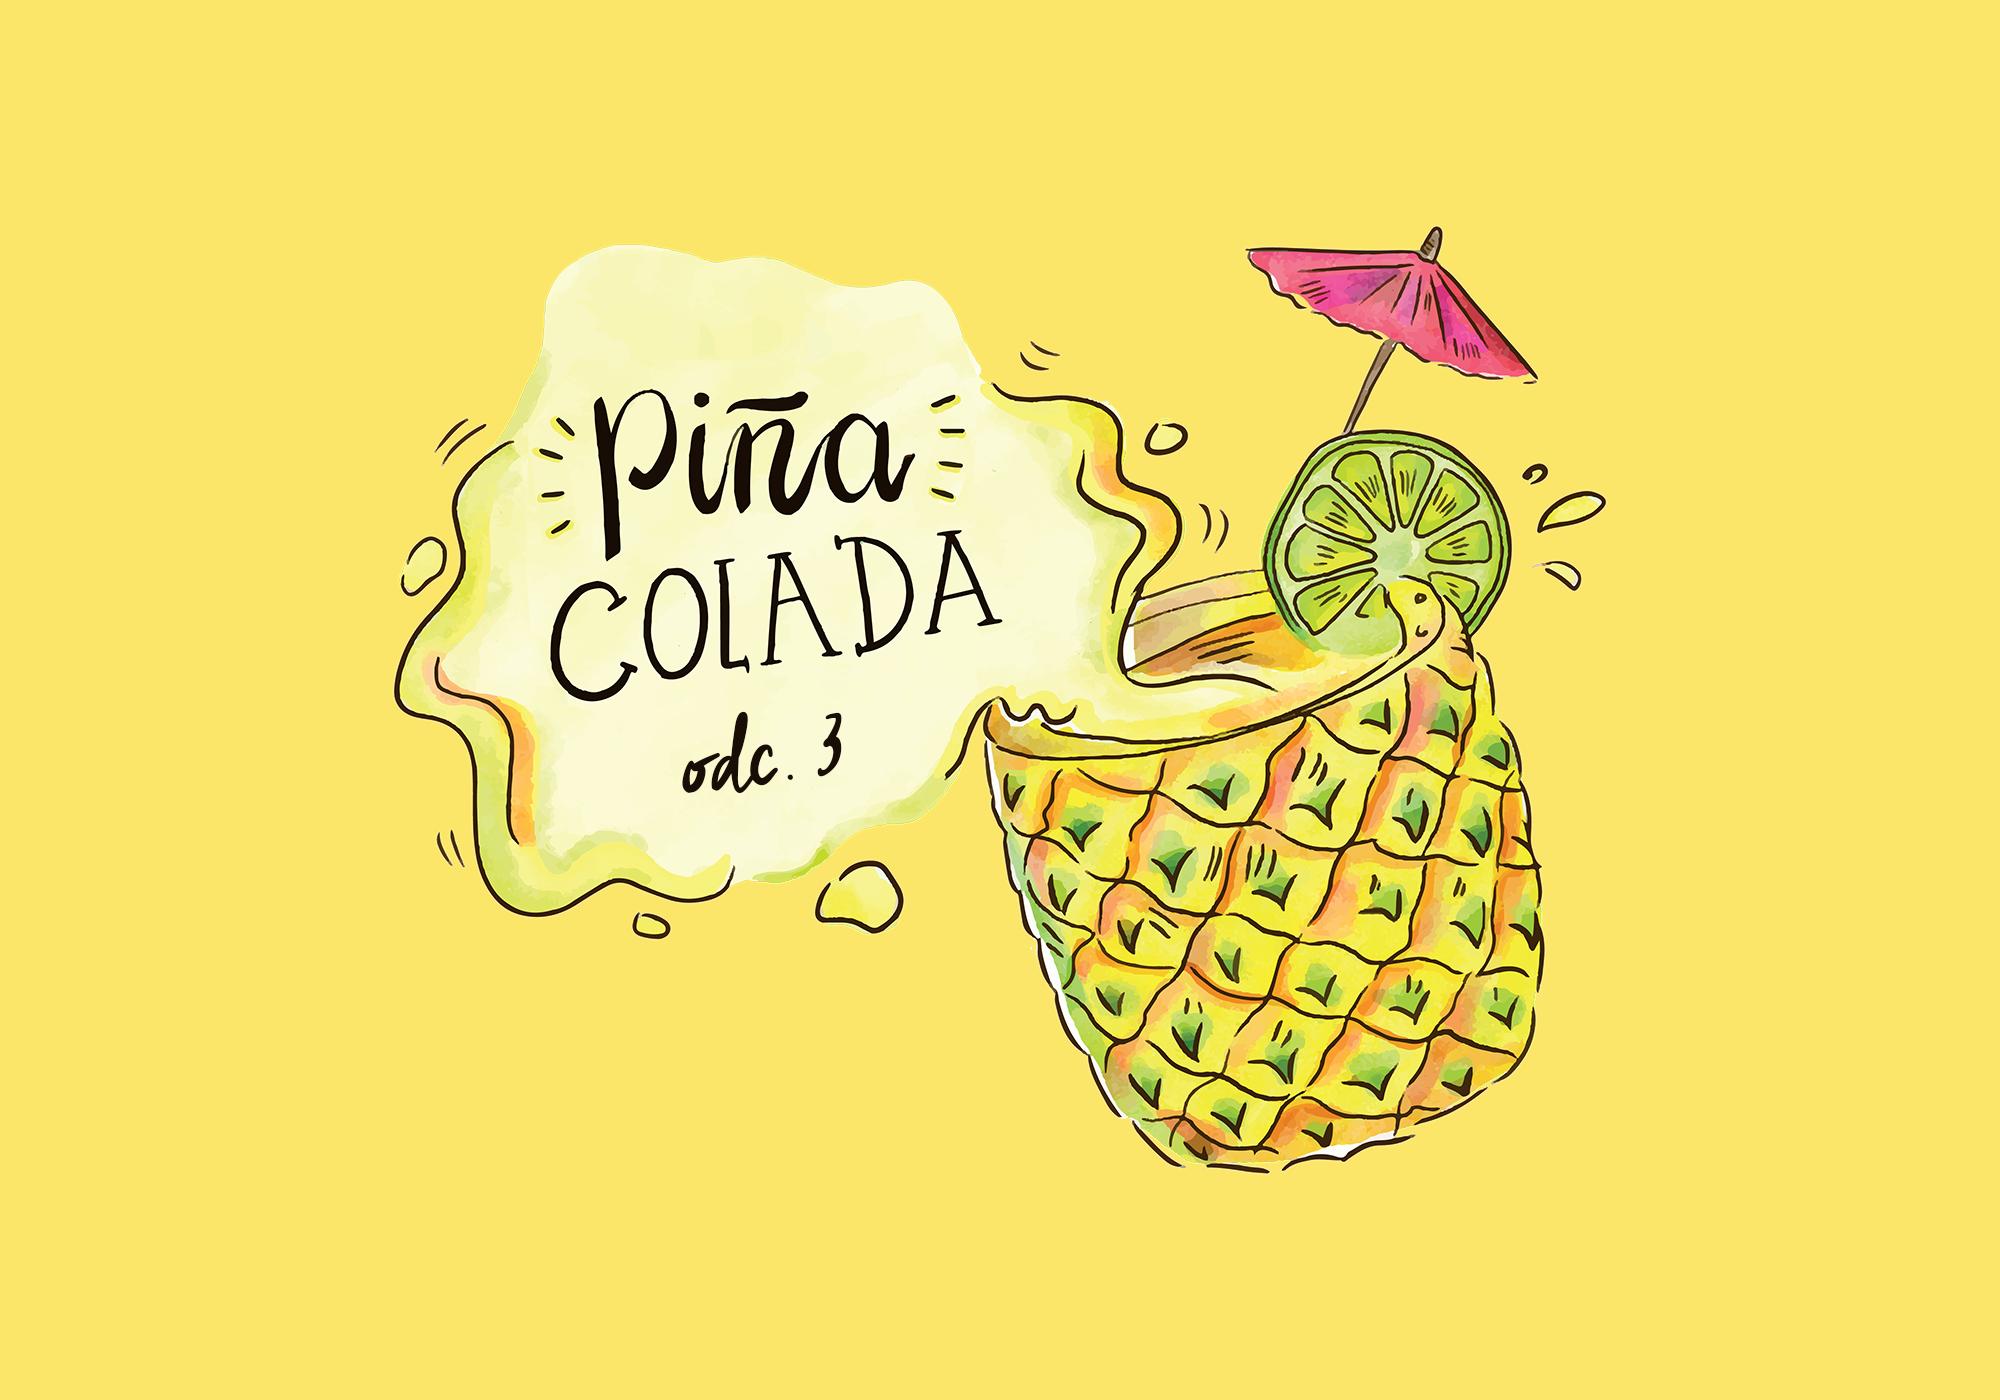 Piña colada, czyli apetyczna mieszanka treści. Odcinek 3.